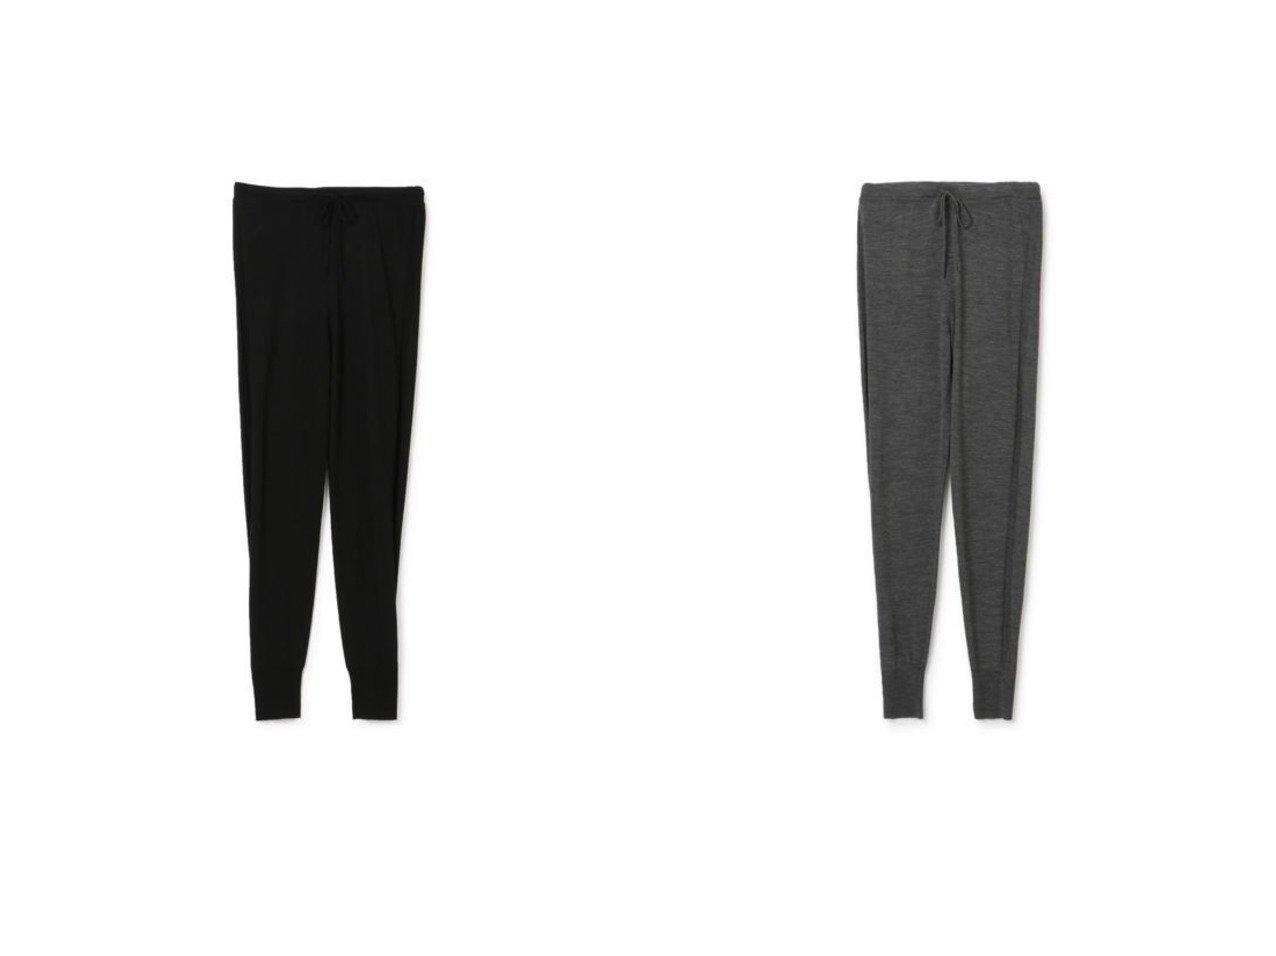 【SCYE/サイ】のExtra Fine Merino Wool Knitted Leggings 【パンツ】おすすめ!人気、トレンド・レディースファッションの通販 おすすめで人気の流行・トレンド、ファッションの通販商品 インテリア・家具・メンズファッション・キッズファッション・レディースファッション・服の通販 founy(ファニー) https://founy.com/ ファッション Fashion レディースファッション WOMEN パンツ Pants レギンス Leggings レッグウェア Legwear アンダー レギンス ロング  ID:crp329100000069126